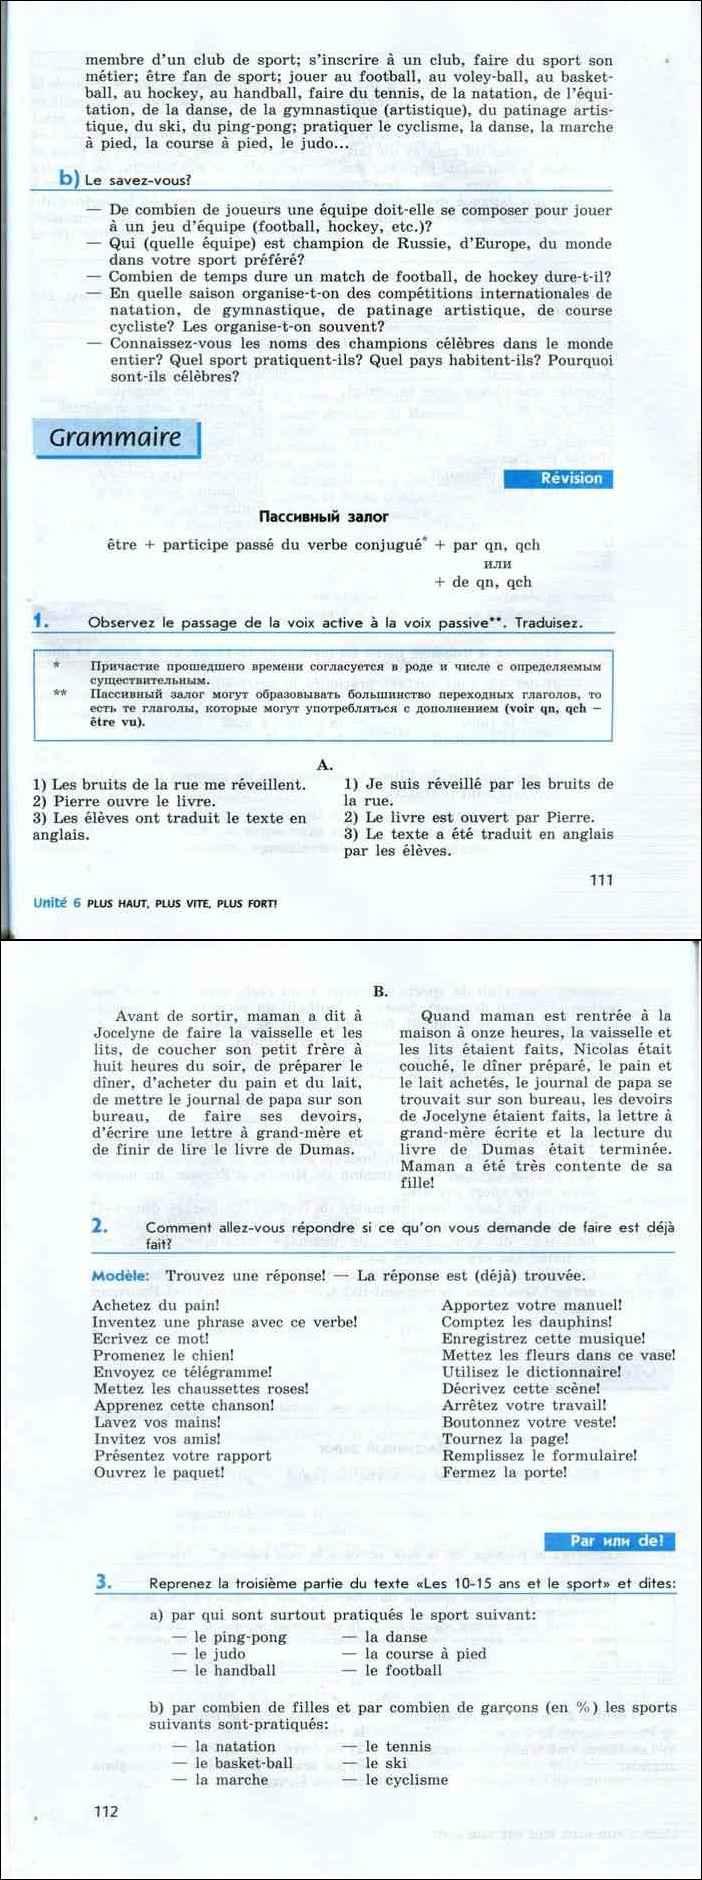 французский язык 7 8 класс сборник упражнений селиванова